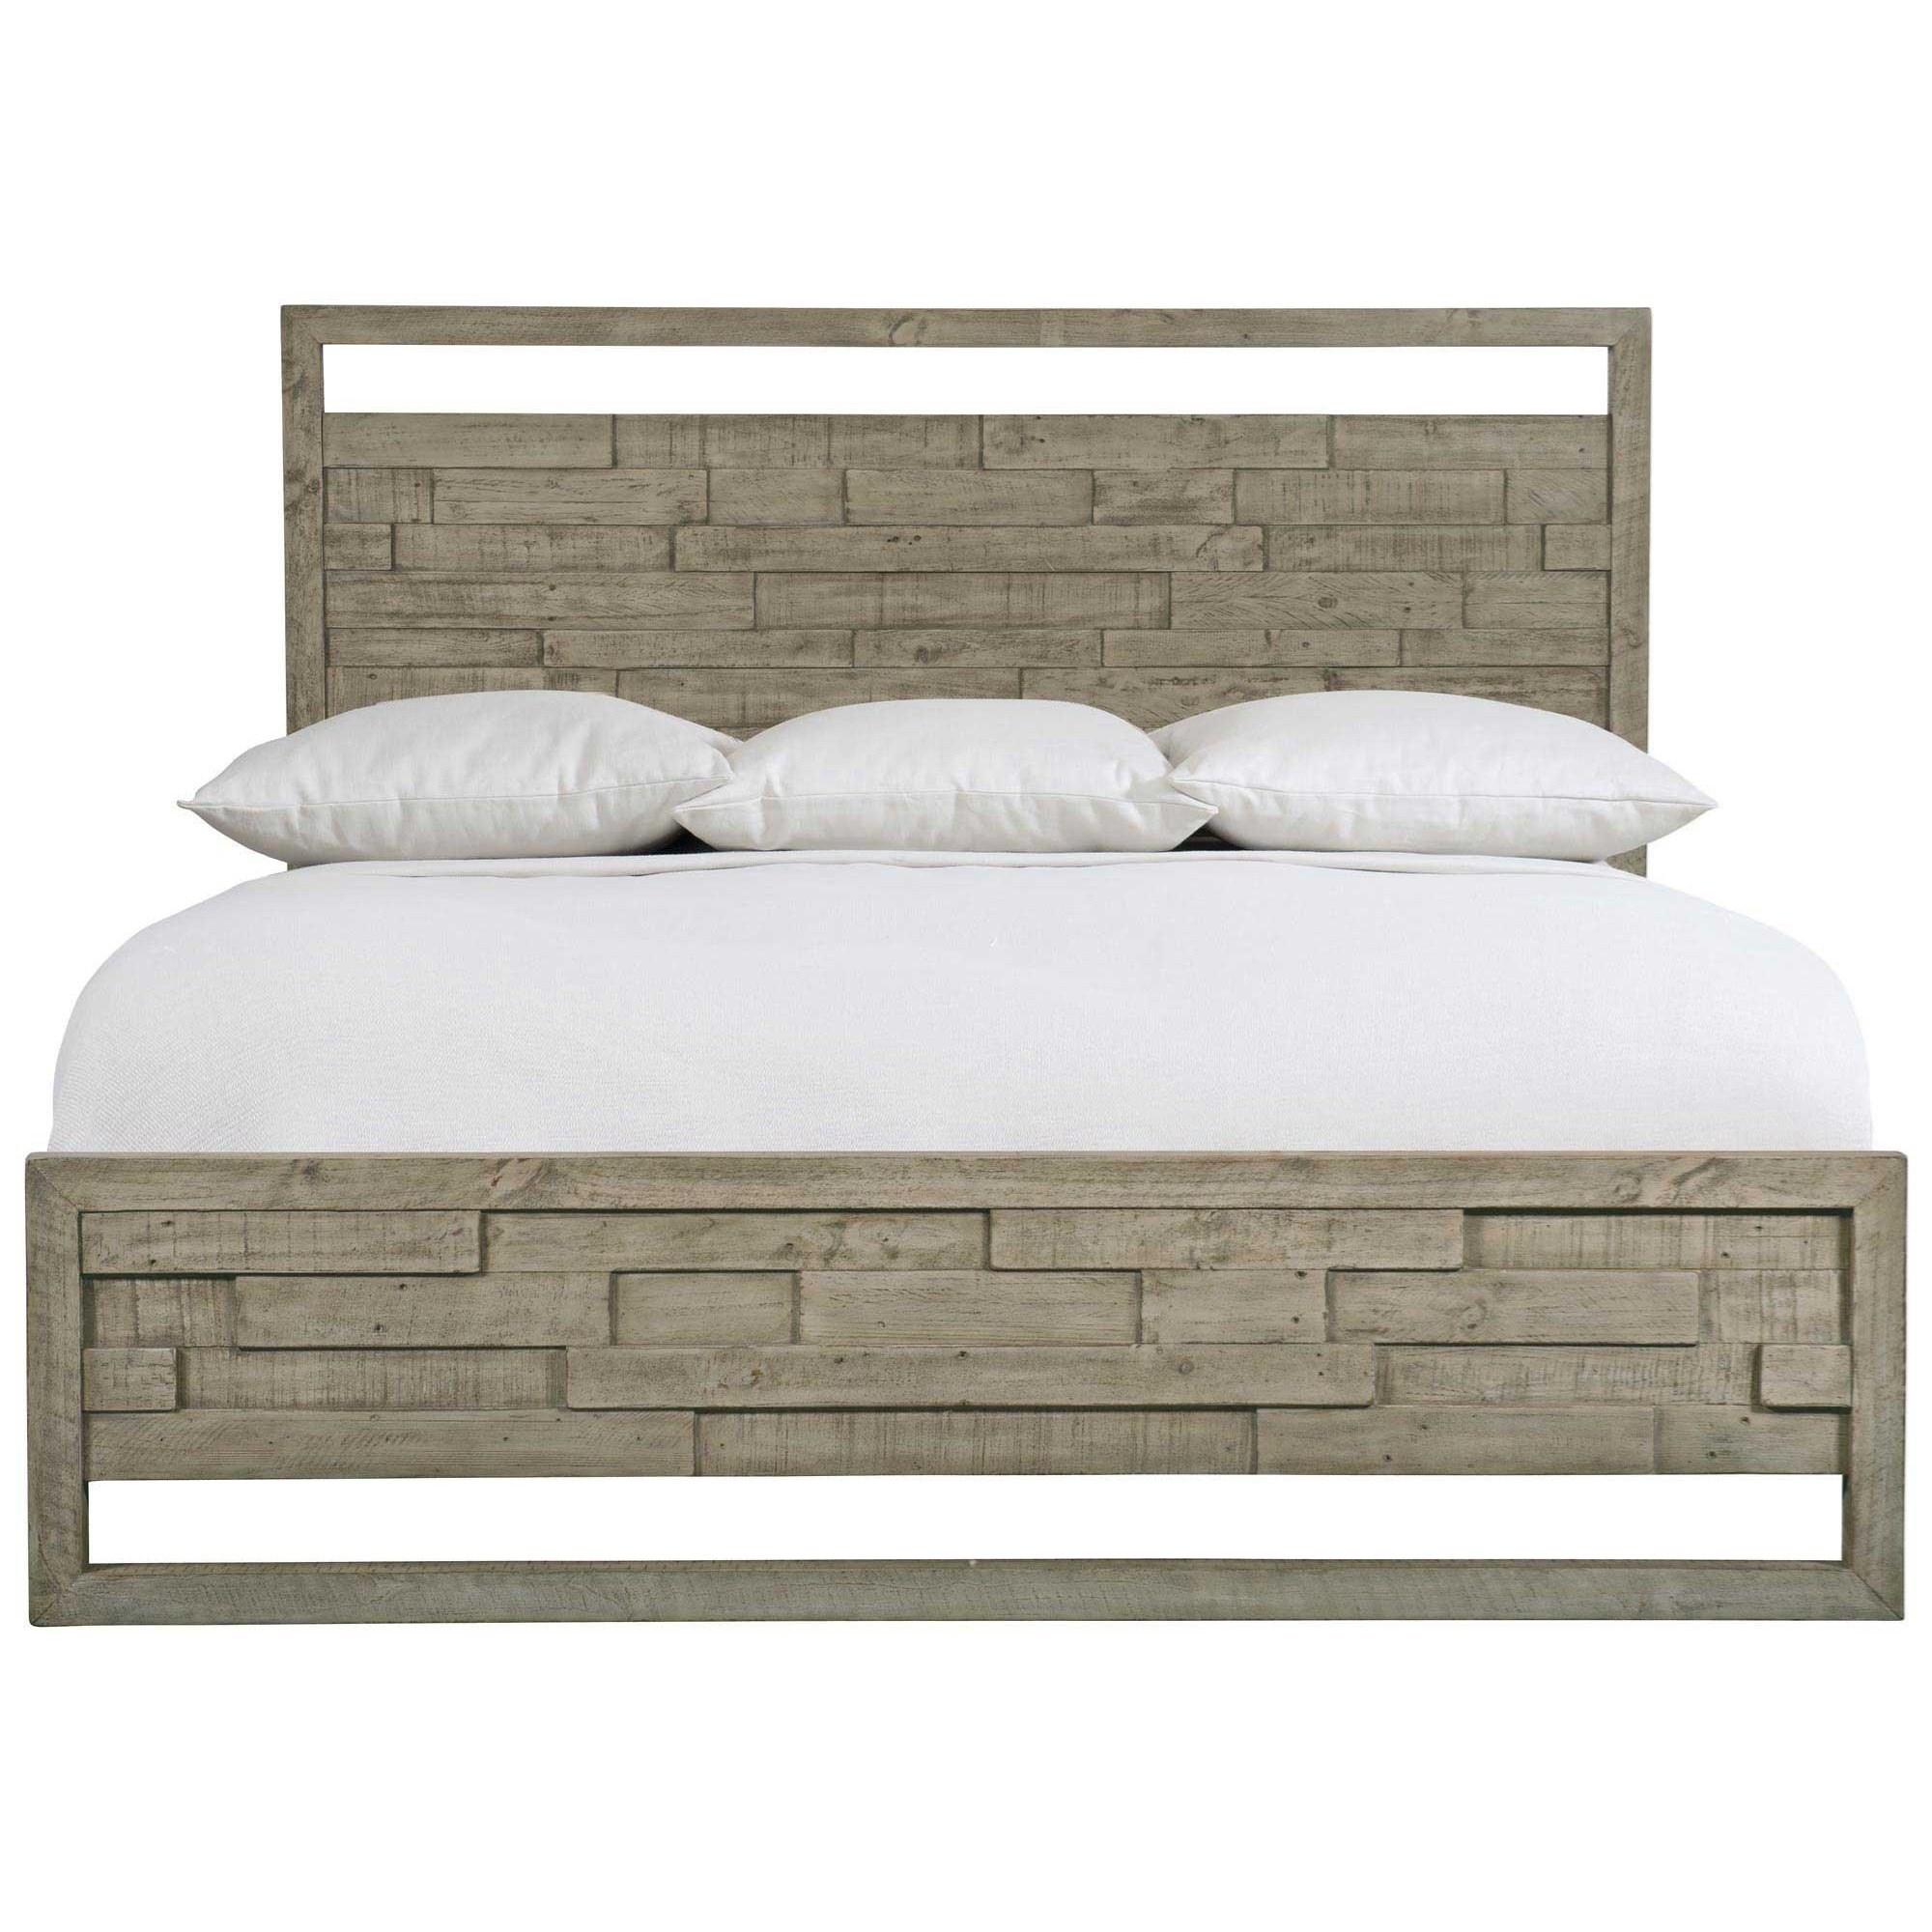 Loft - Highland Park Shaw King Panel Bed by Bernhardt at Baer's Furniture